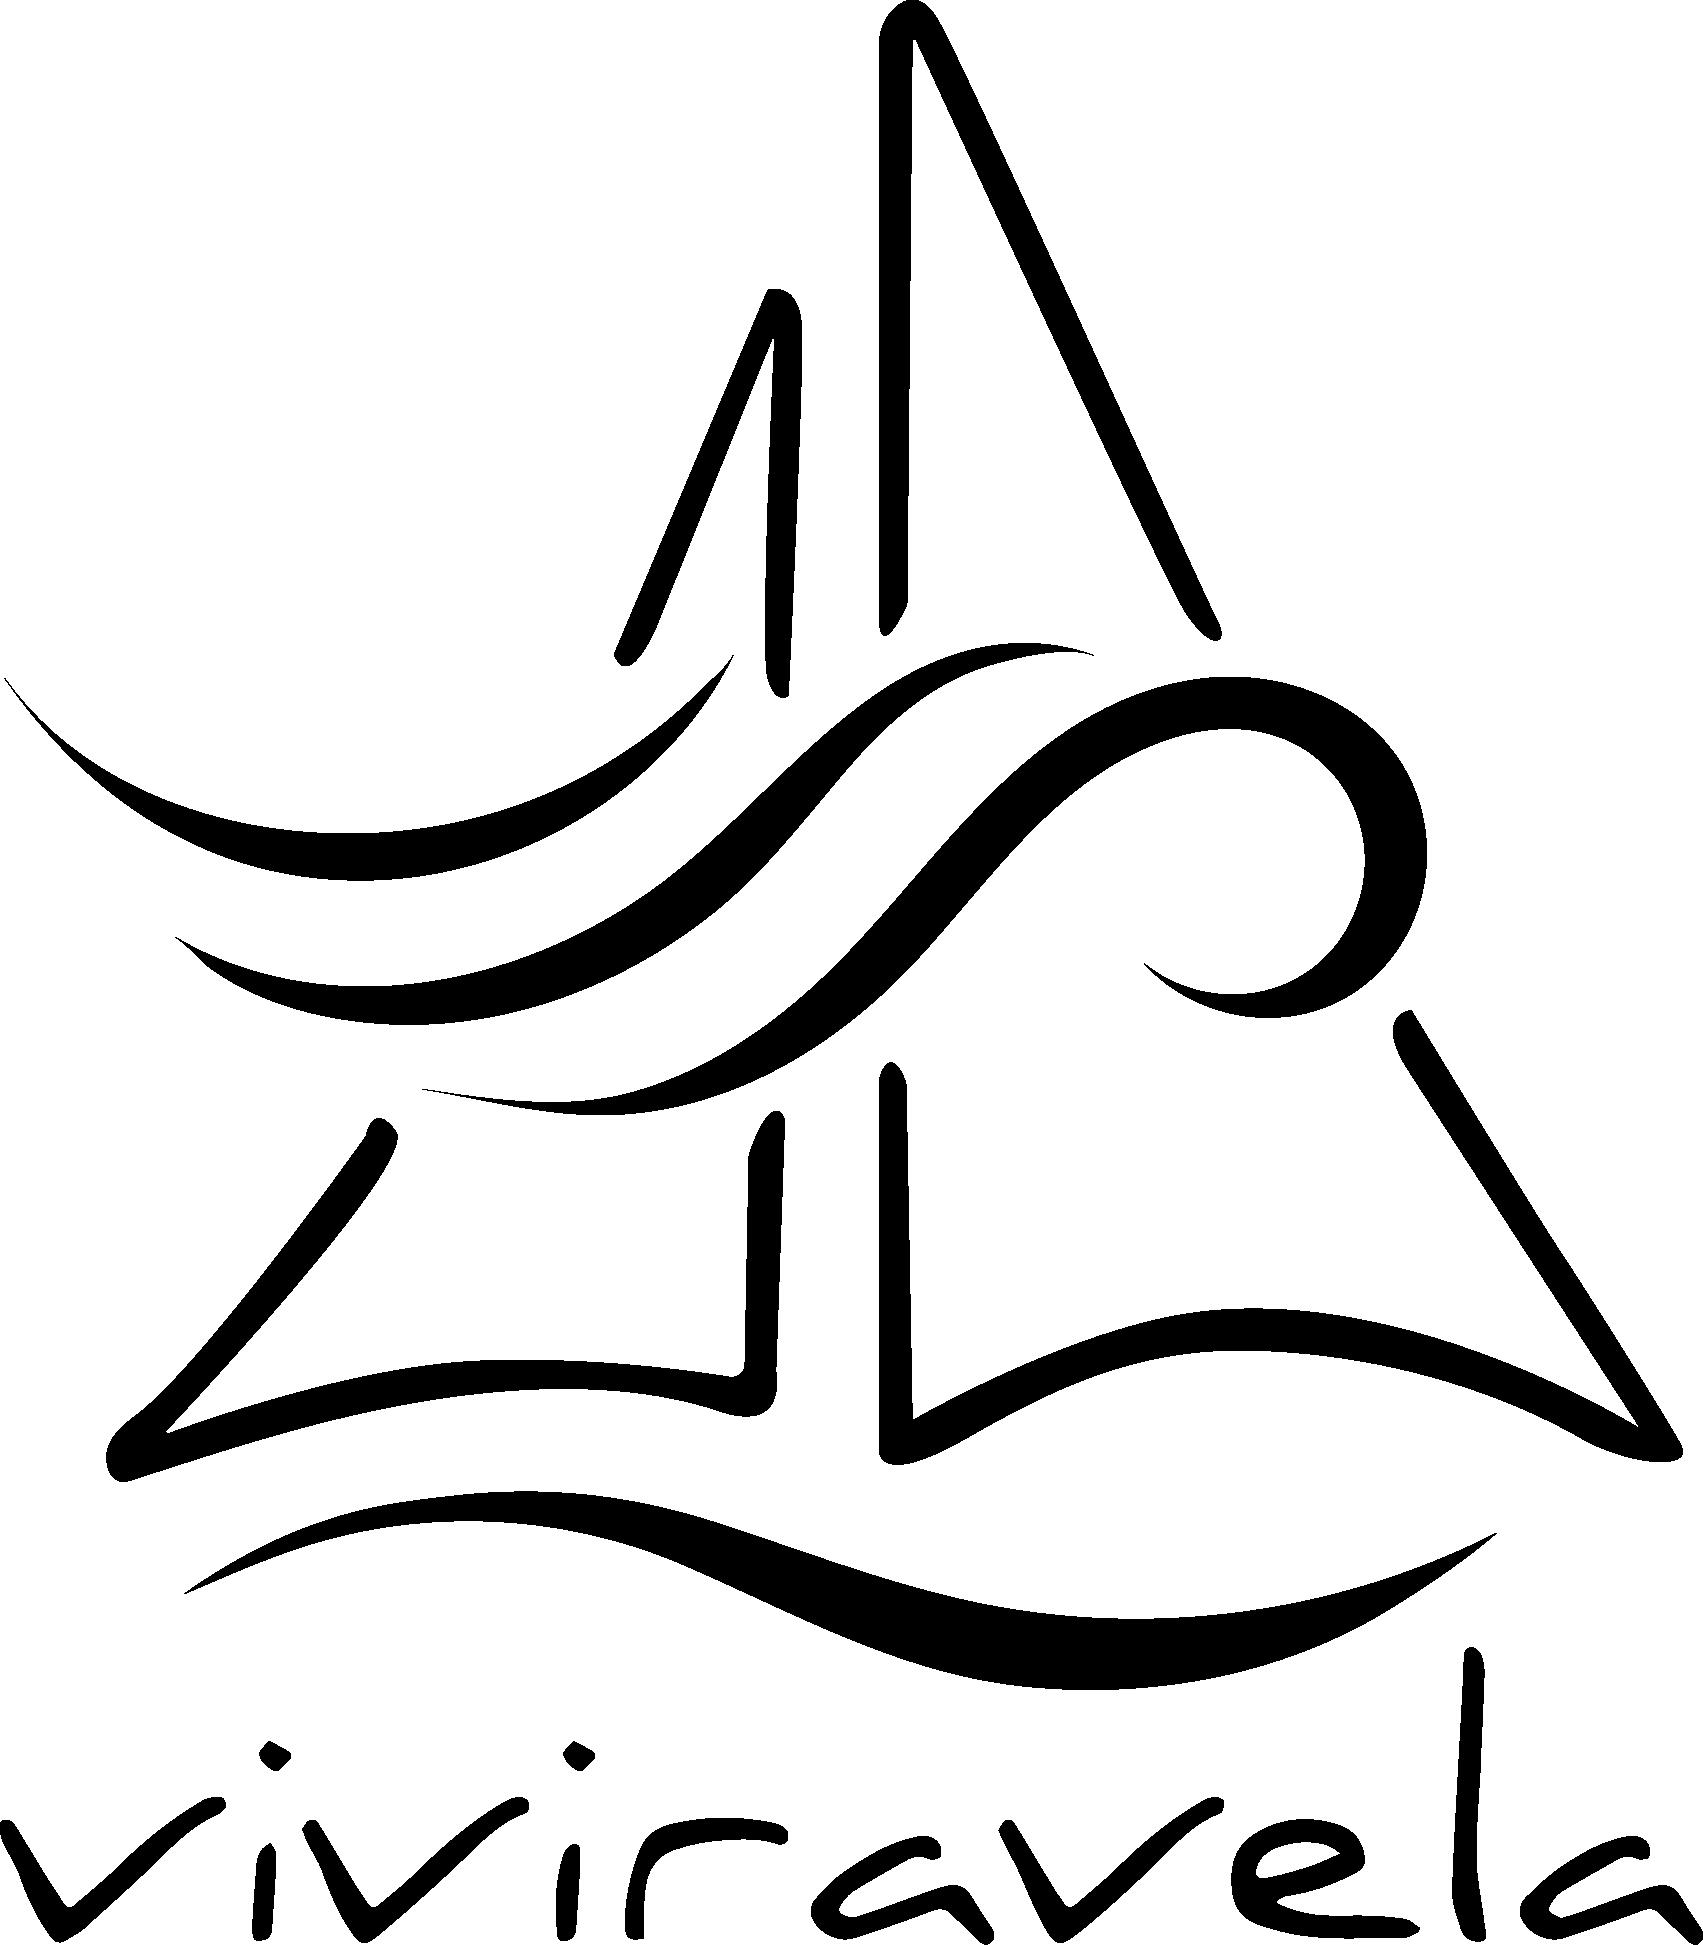 Viviravela